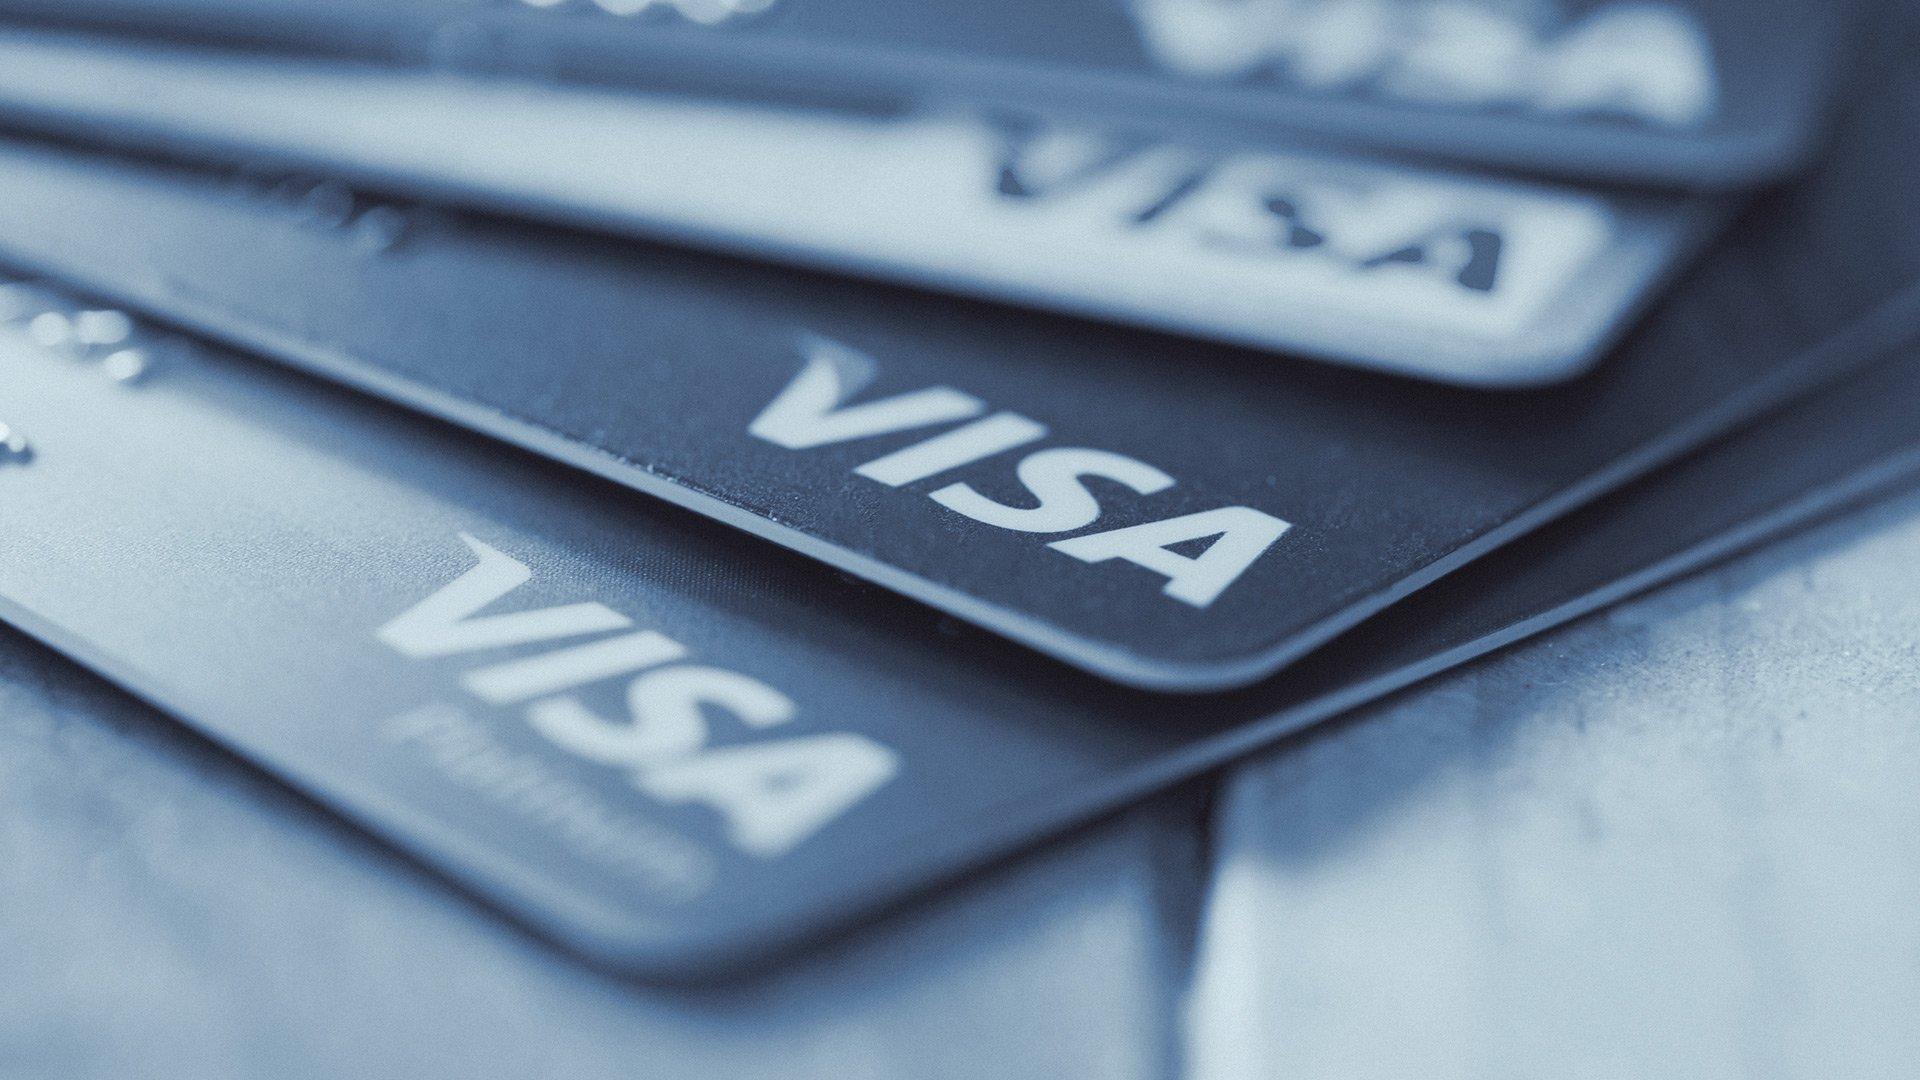 Visa, Plaid scuttle acquisition plans, blame DOJ lawsuit